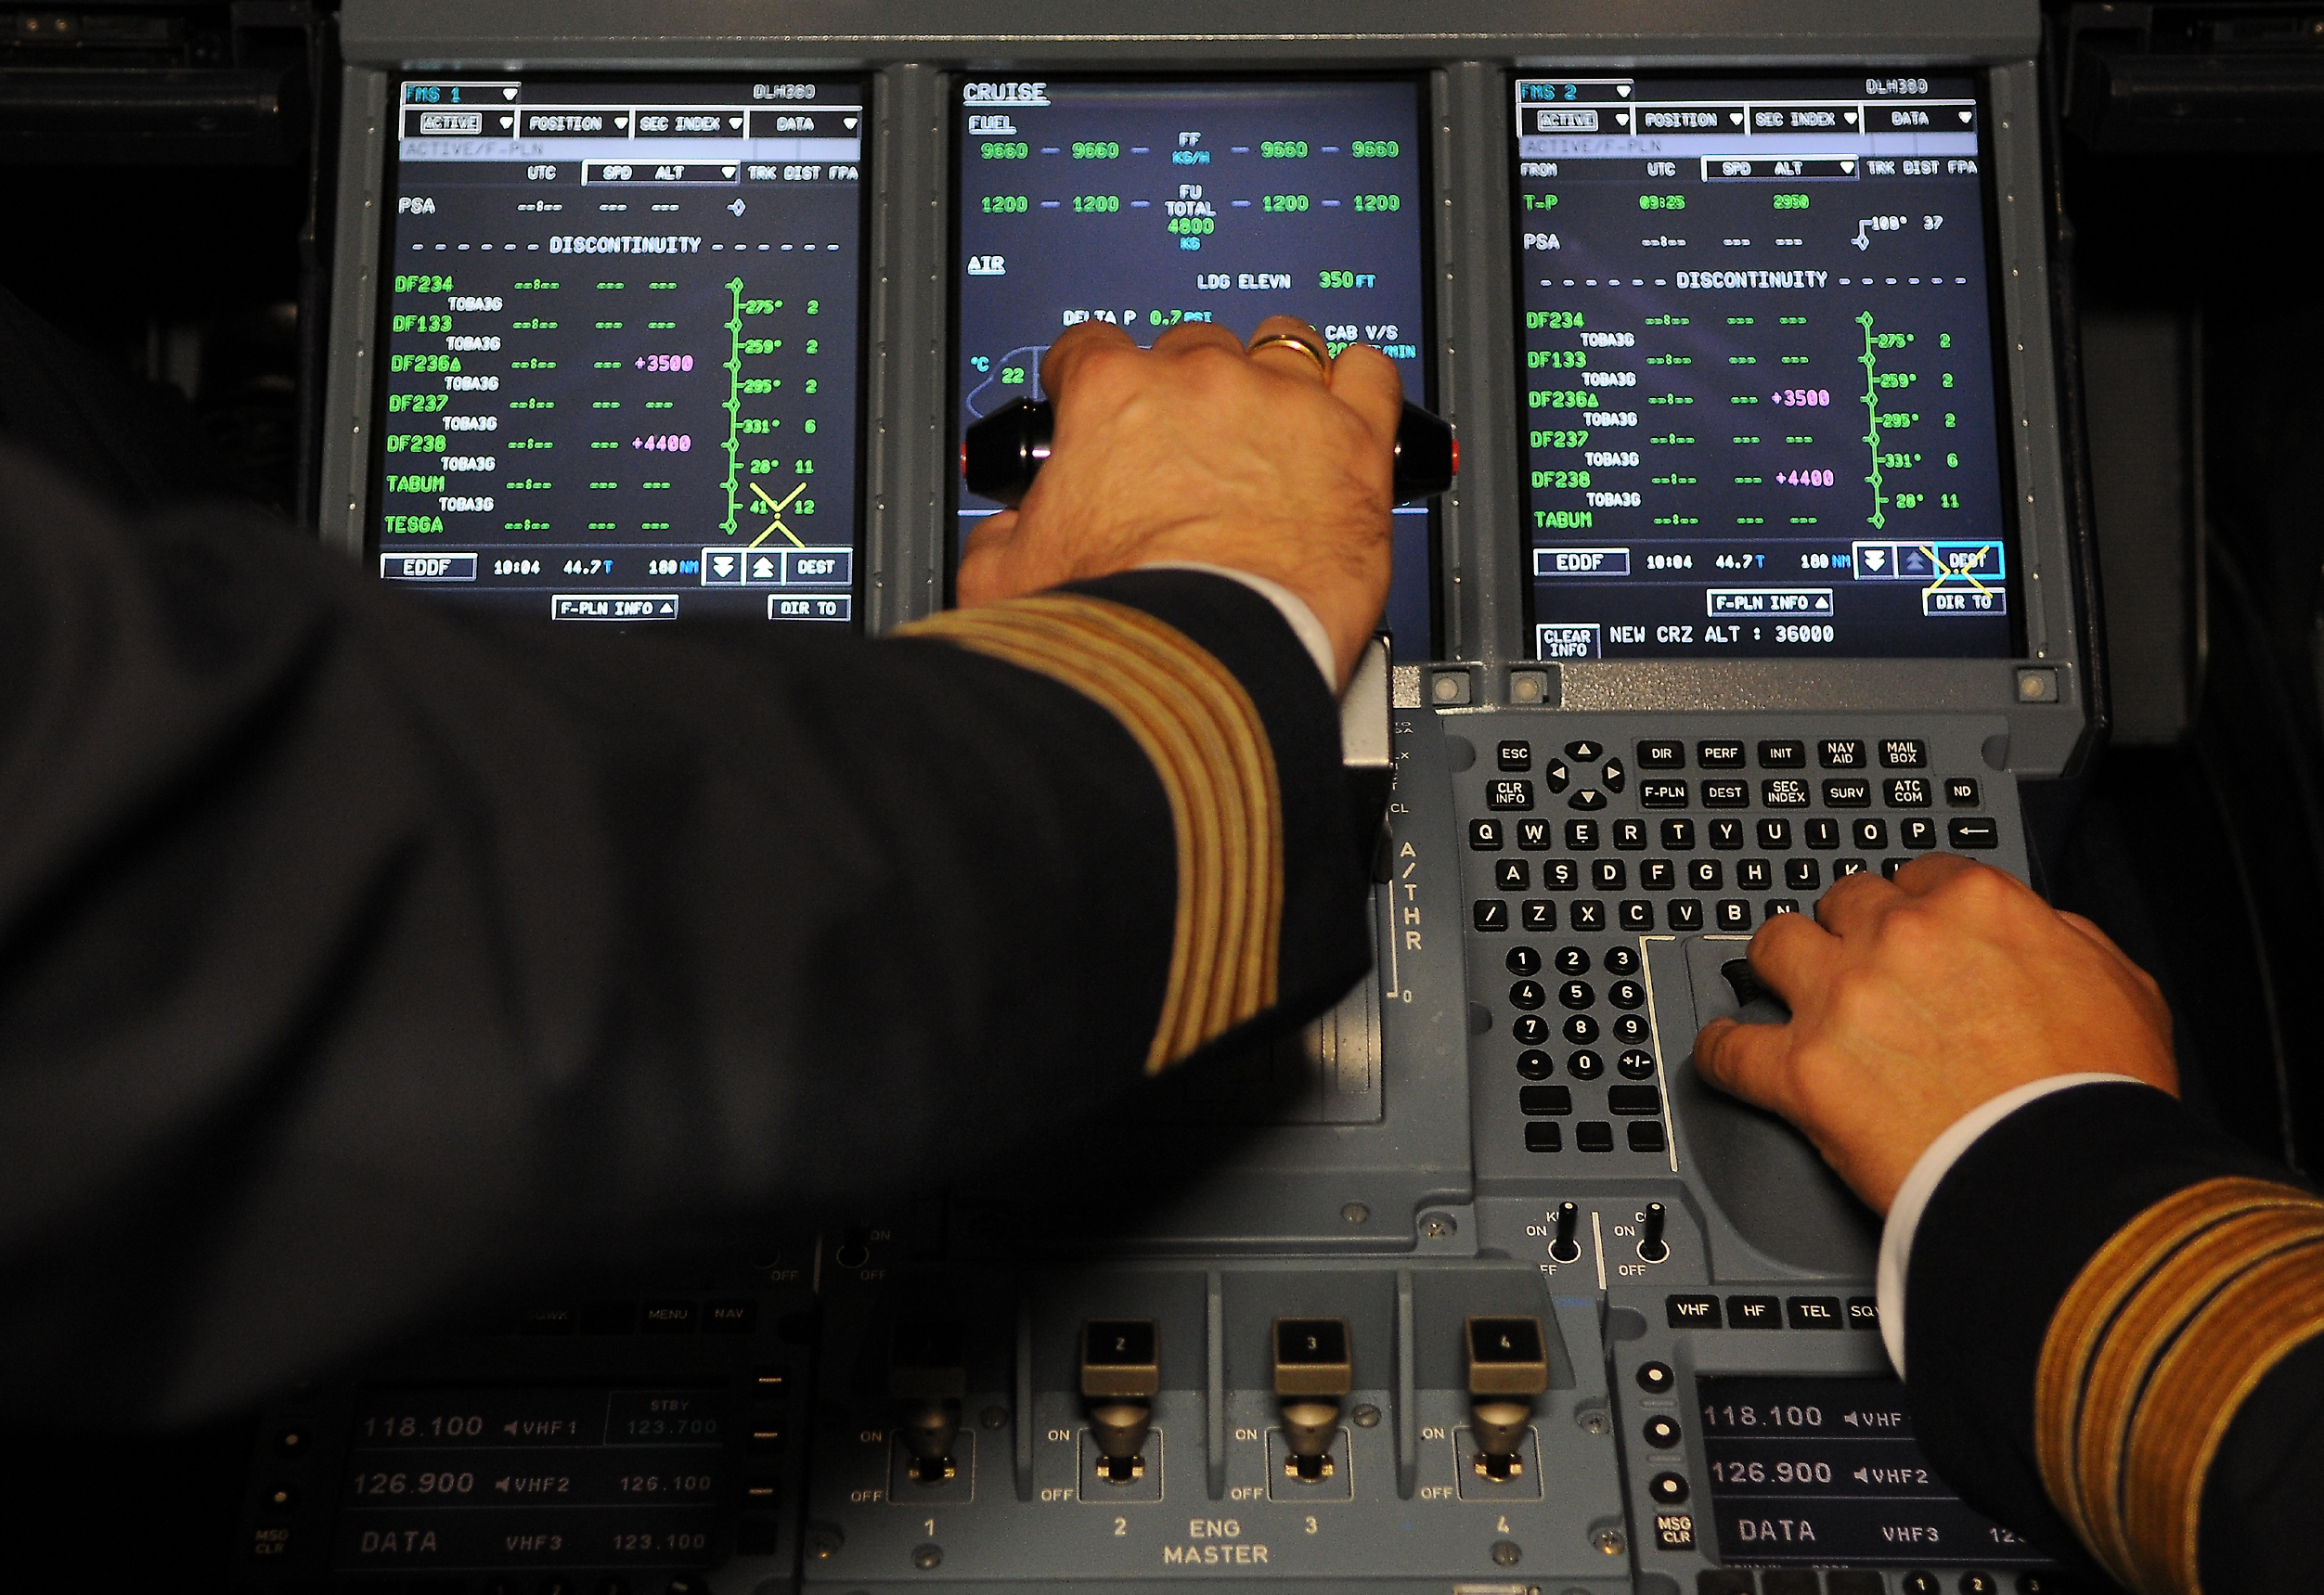 Der var sidste år 965 millioner afrejsende passagerer på rutefly ud af amerikanske lufthavne, heraf fløj 223,4 millioner på udenrigsruter. Arkivfoto: Lufthansa.